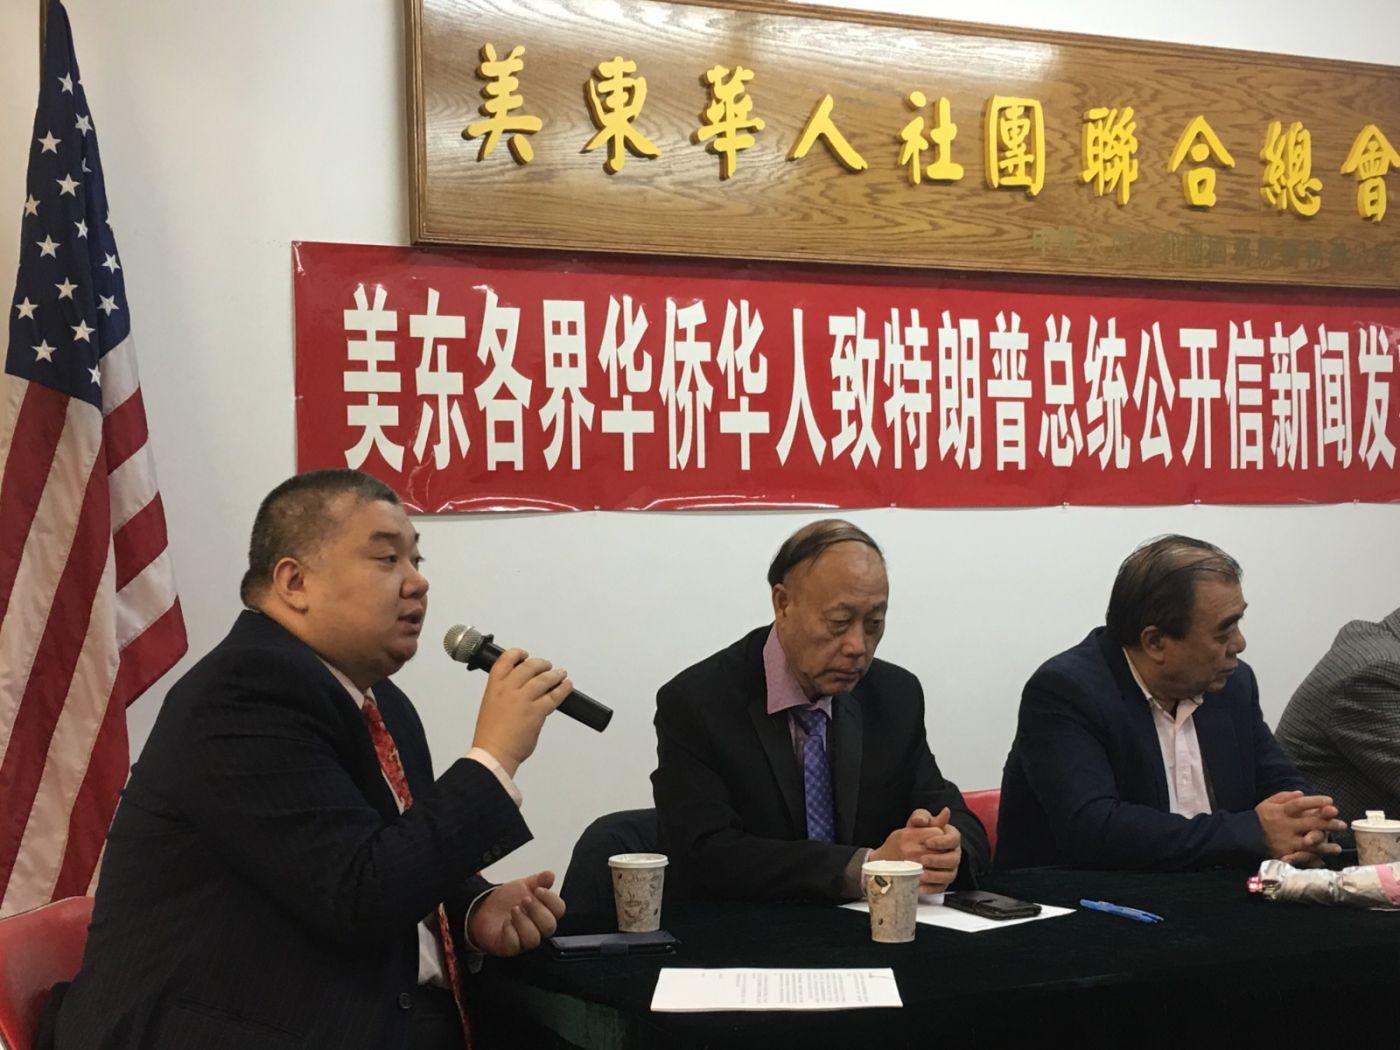 美東各界華僑華人致特朗普總統公開信新聞發佈會_图1-13